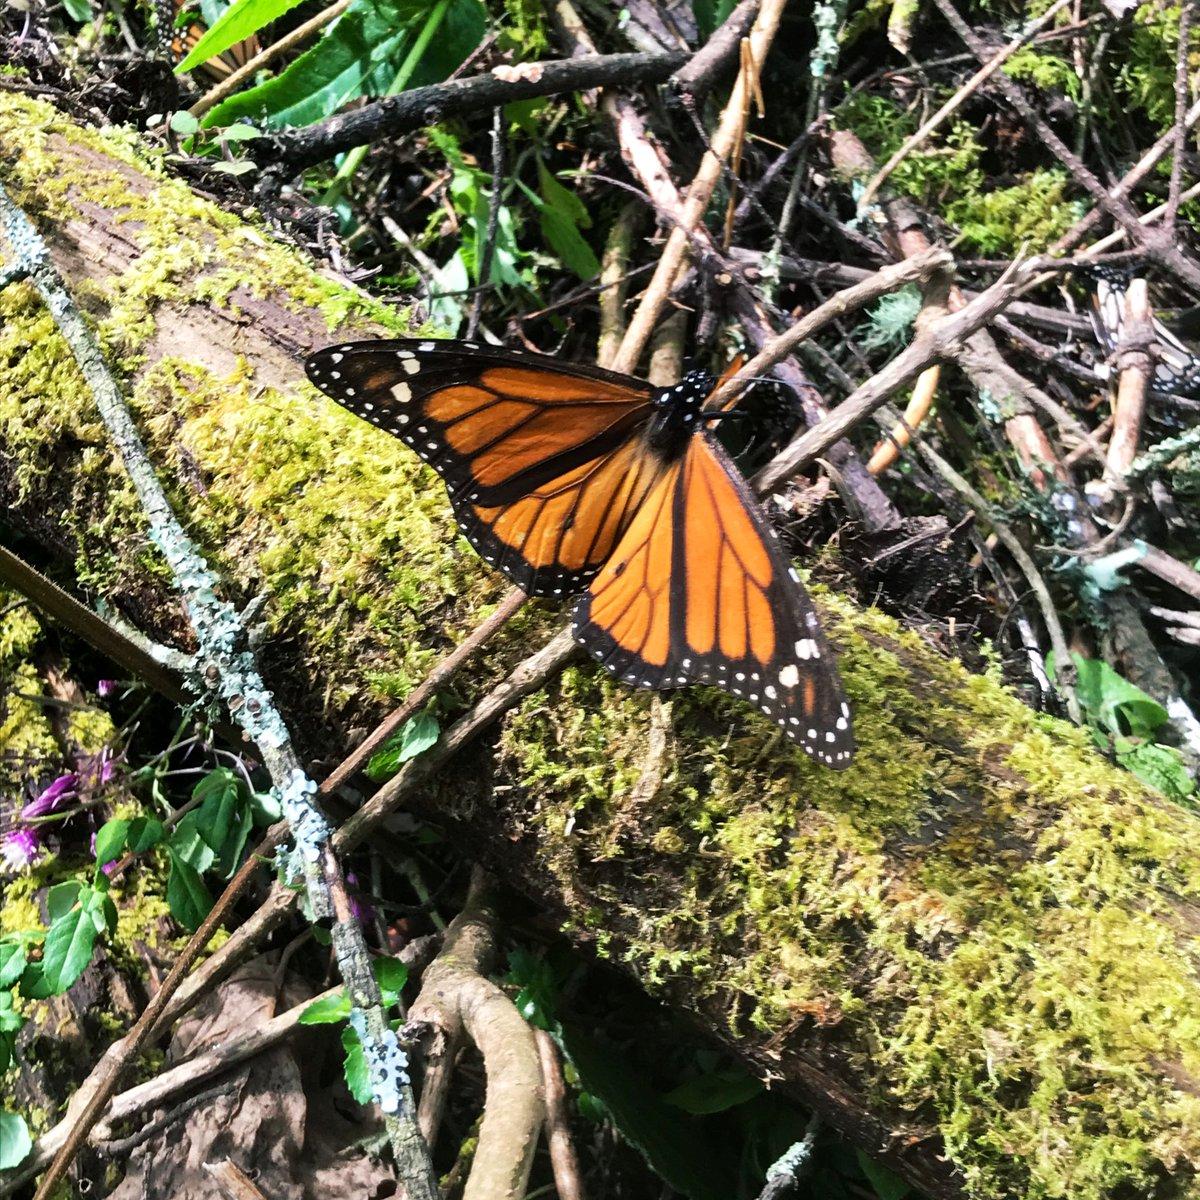 Bin überglücklich, noch die Saison der Monarchfalter (mariposas monarcas) in…